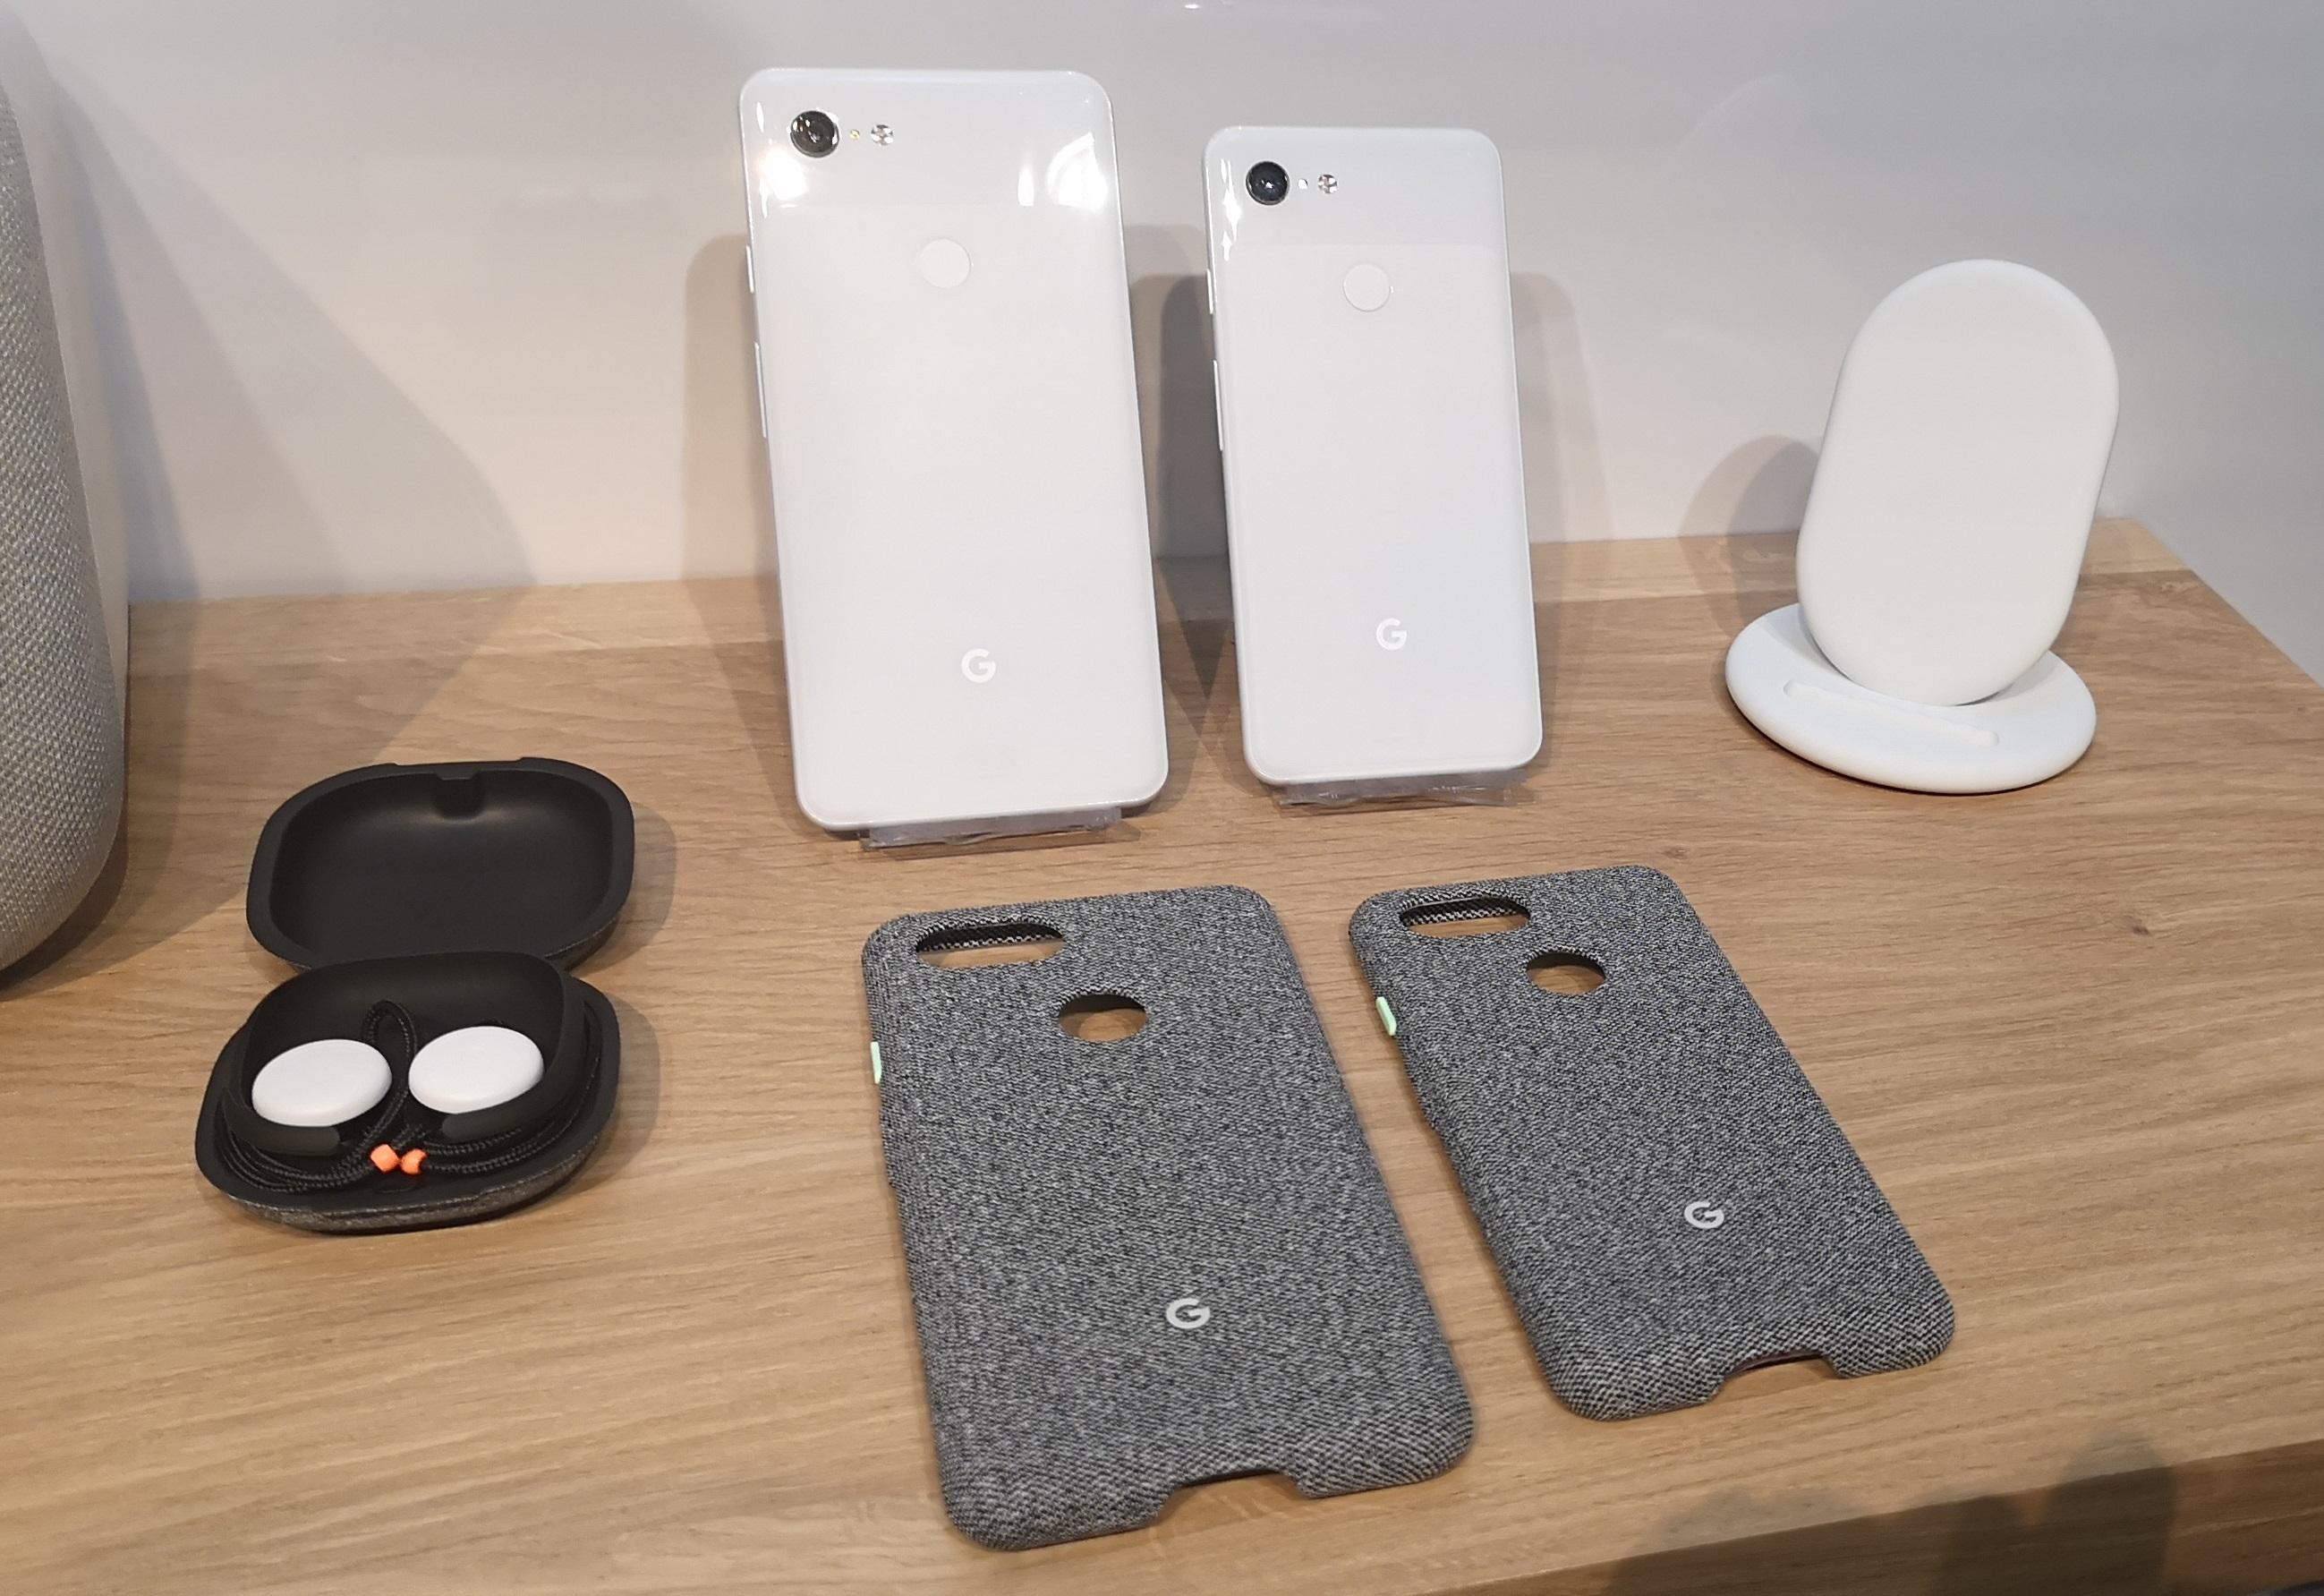 [ Prise en main ] Google s'attaque aux iPhone avec ses Google Pixel 3 et Pixel 3 XL